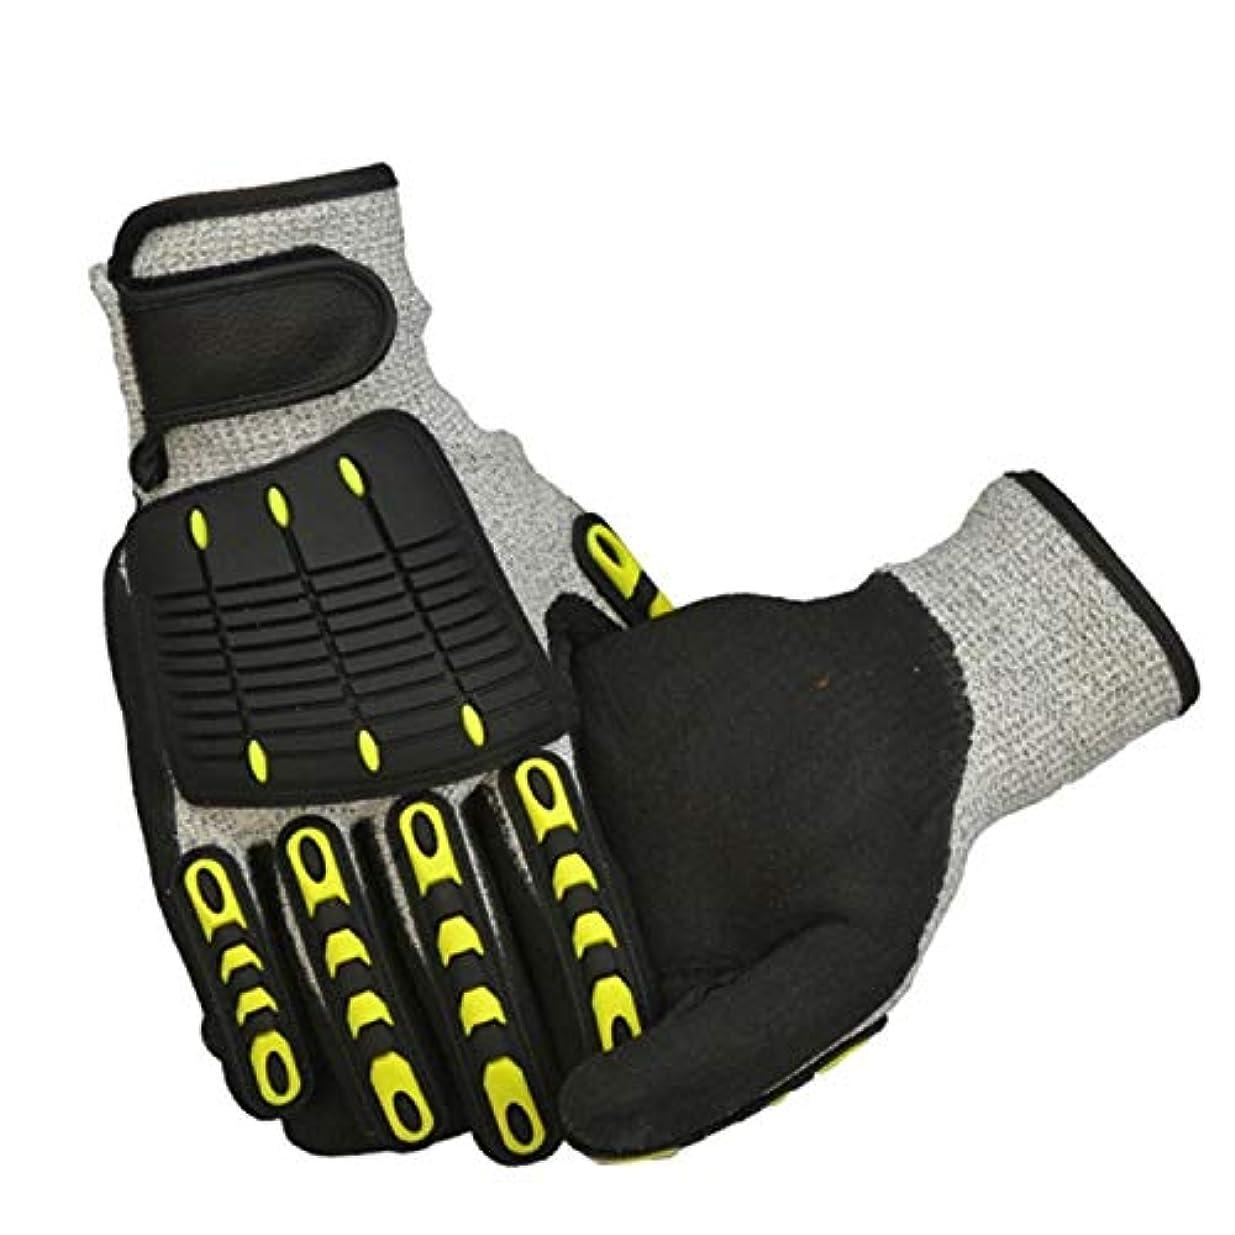 行進スキャンダラスそれにもかかわらずBAJIMI 手袋 グローブ レディース/メンズ ハンド ケア X-大、オリジナルオイル&ガスの安全性への影響手袋 裏起毛 おしゃれ 手触りが良い 運転 耐磨耗性 換気性